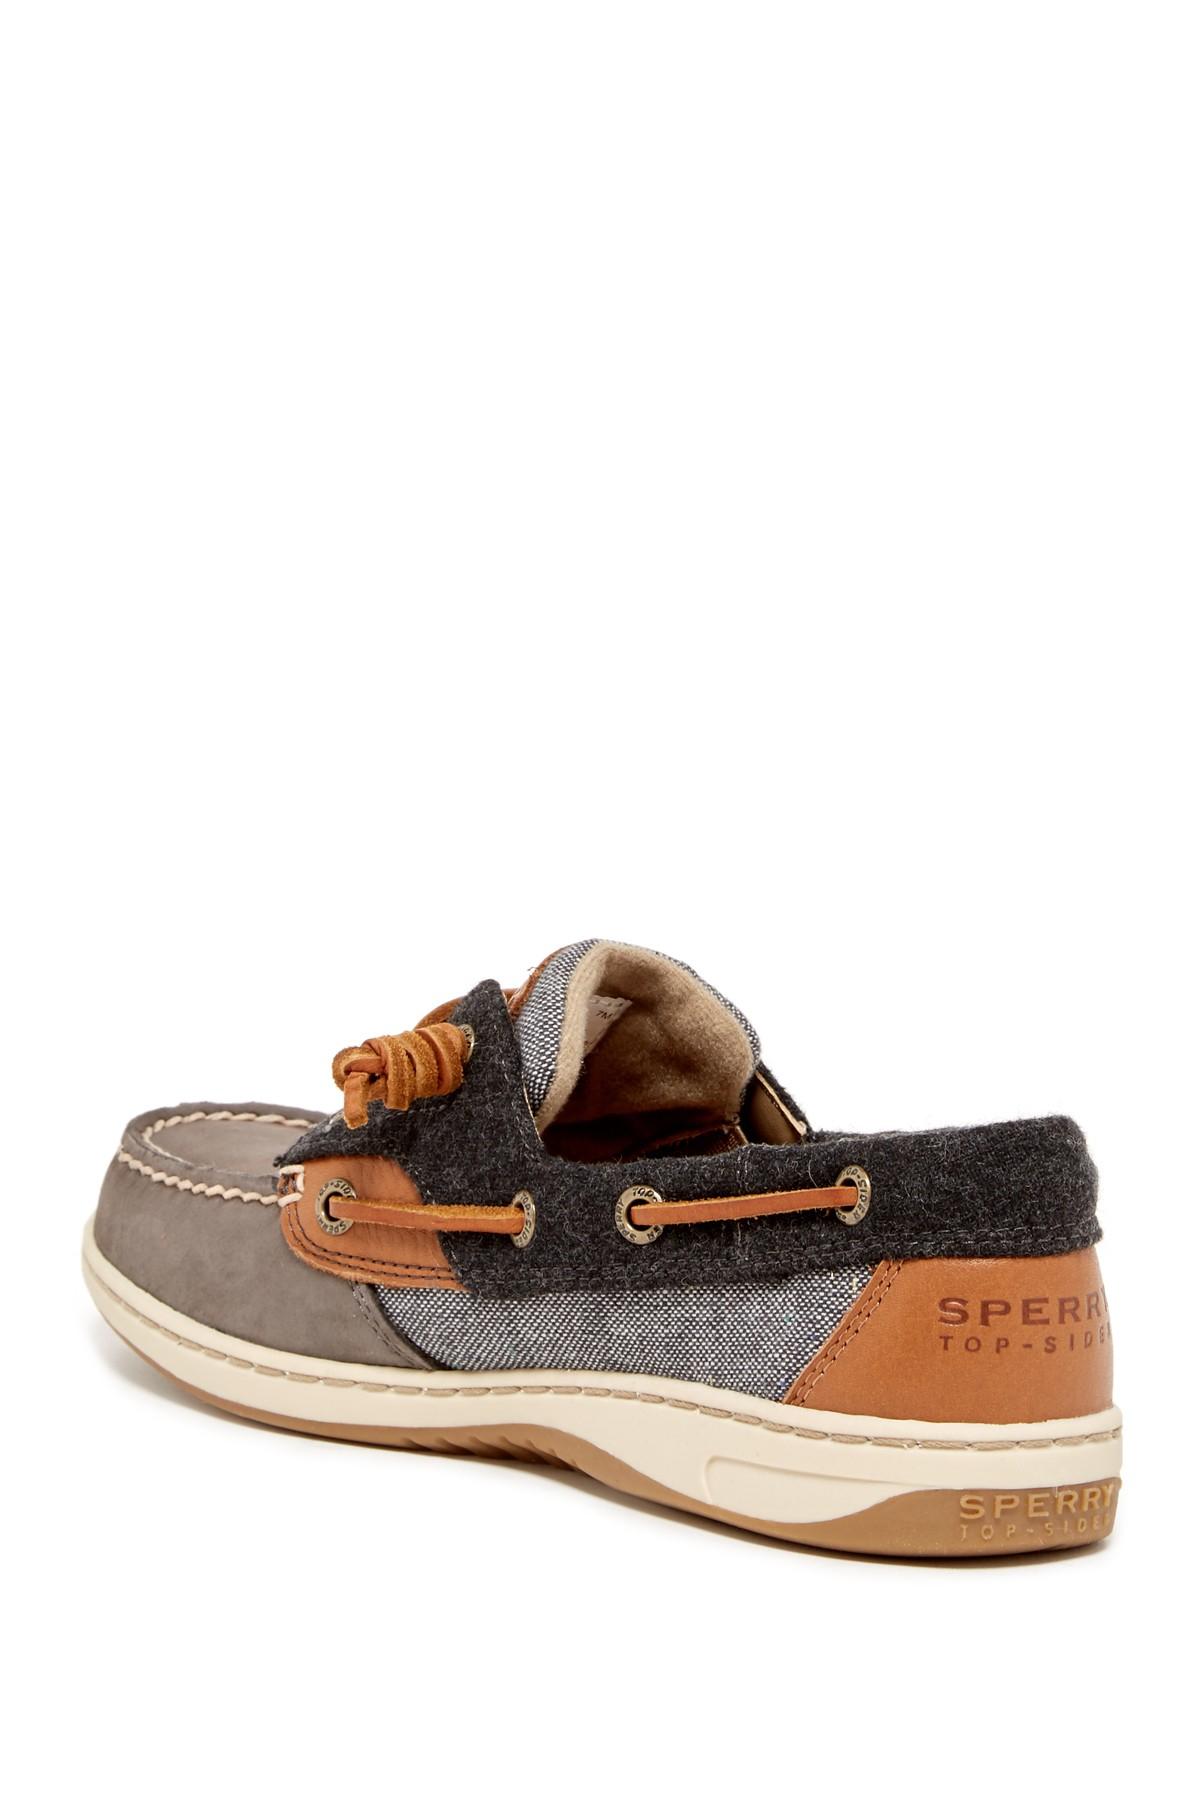 Asos Shoe Sizing True Size